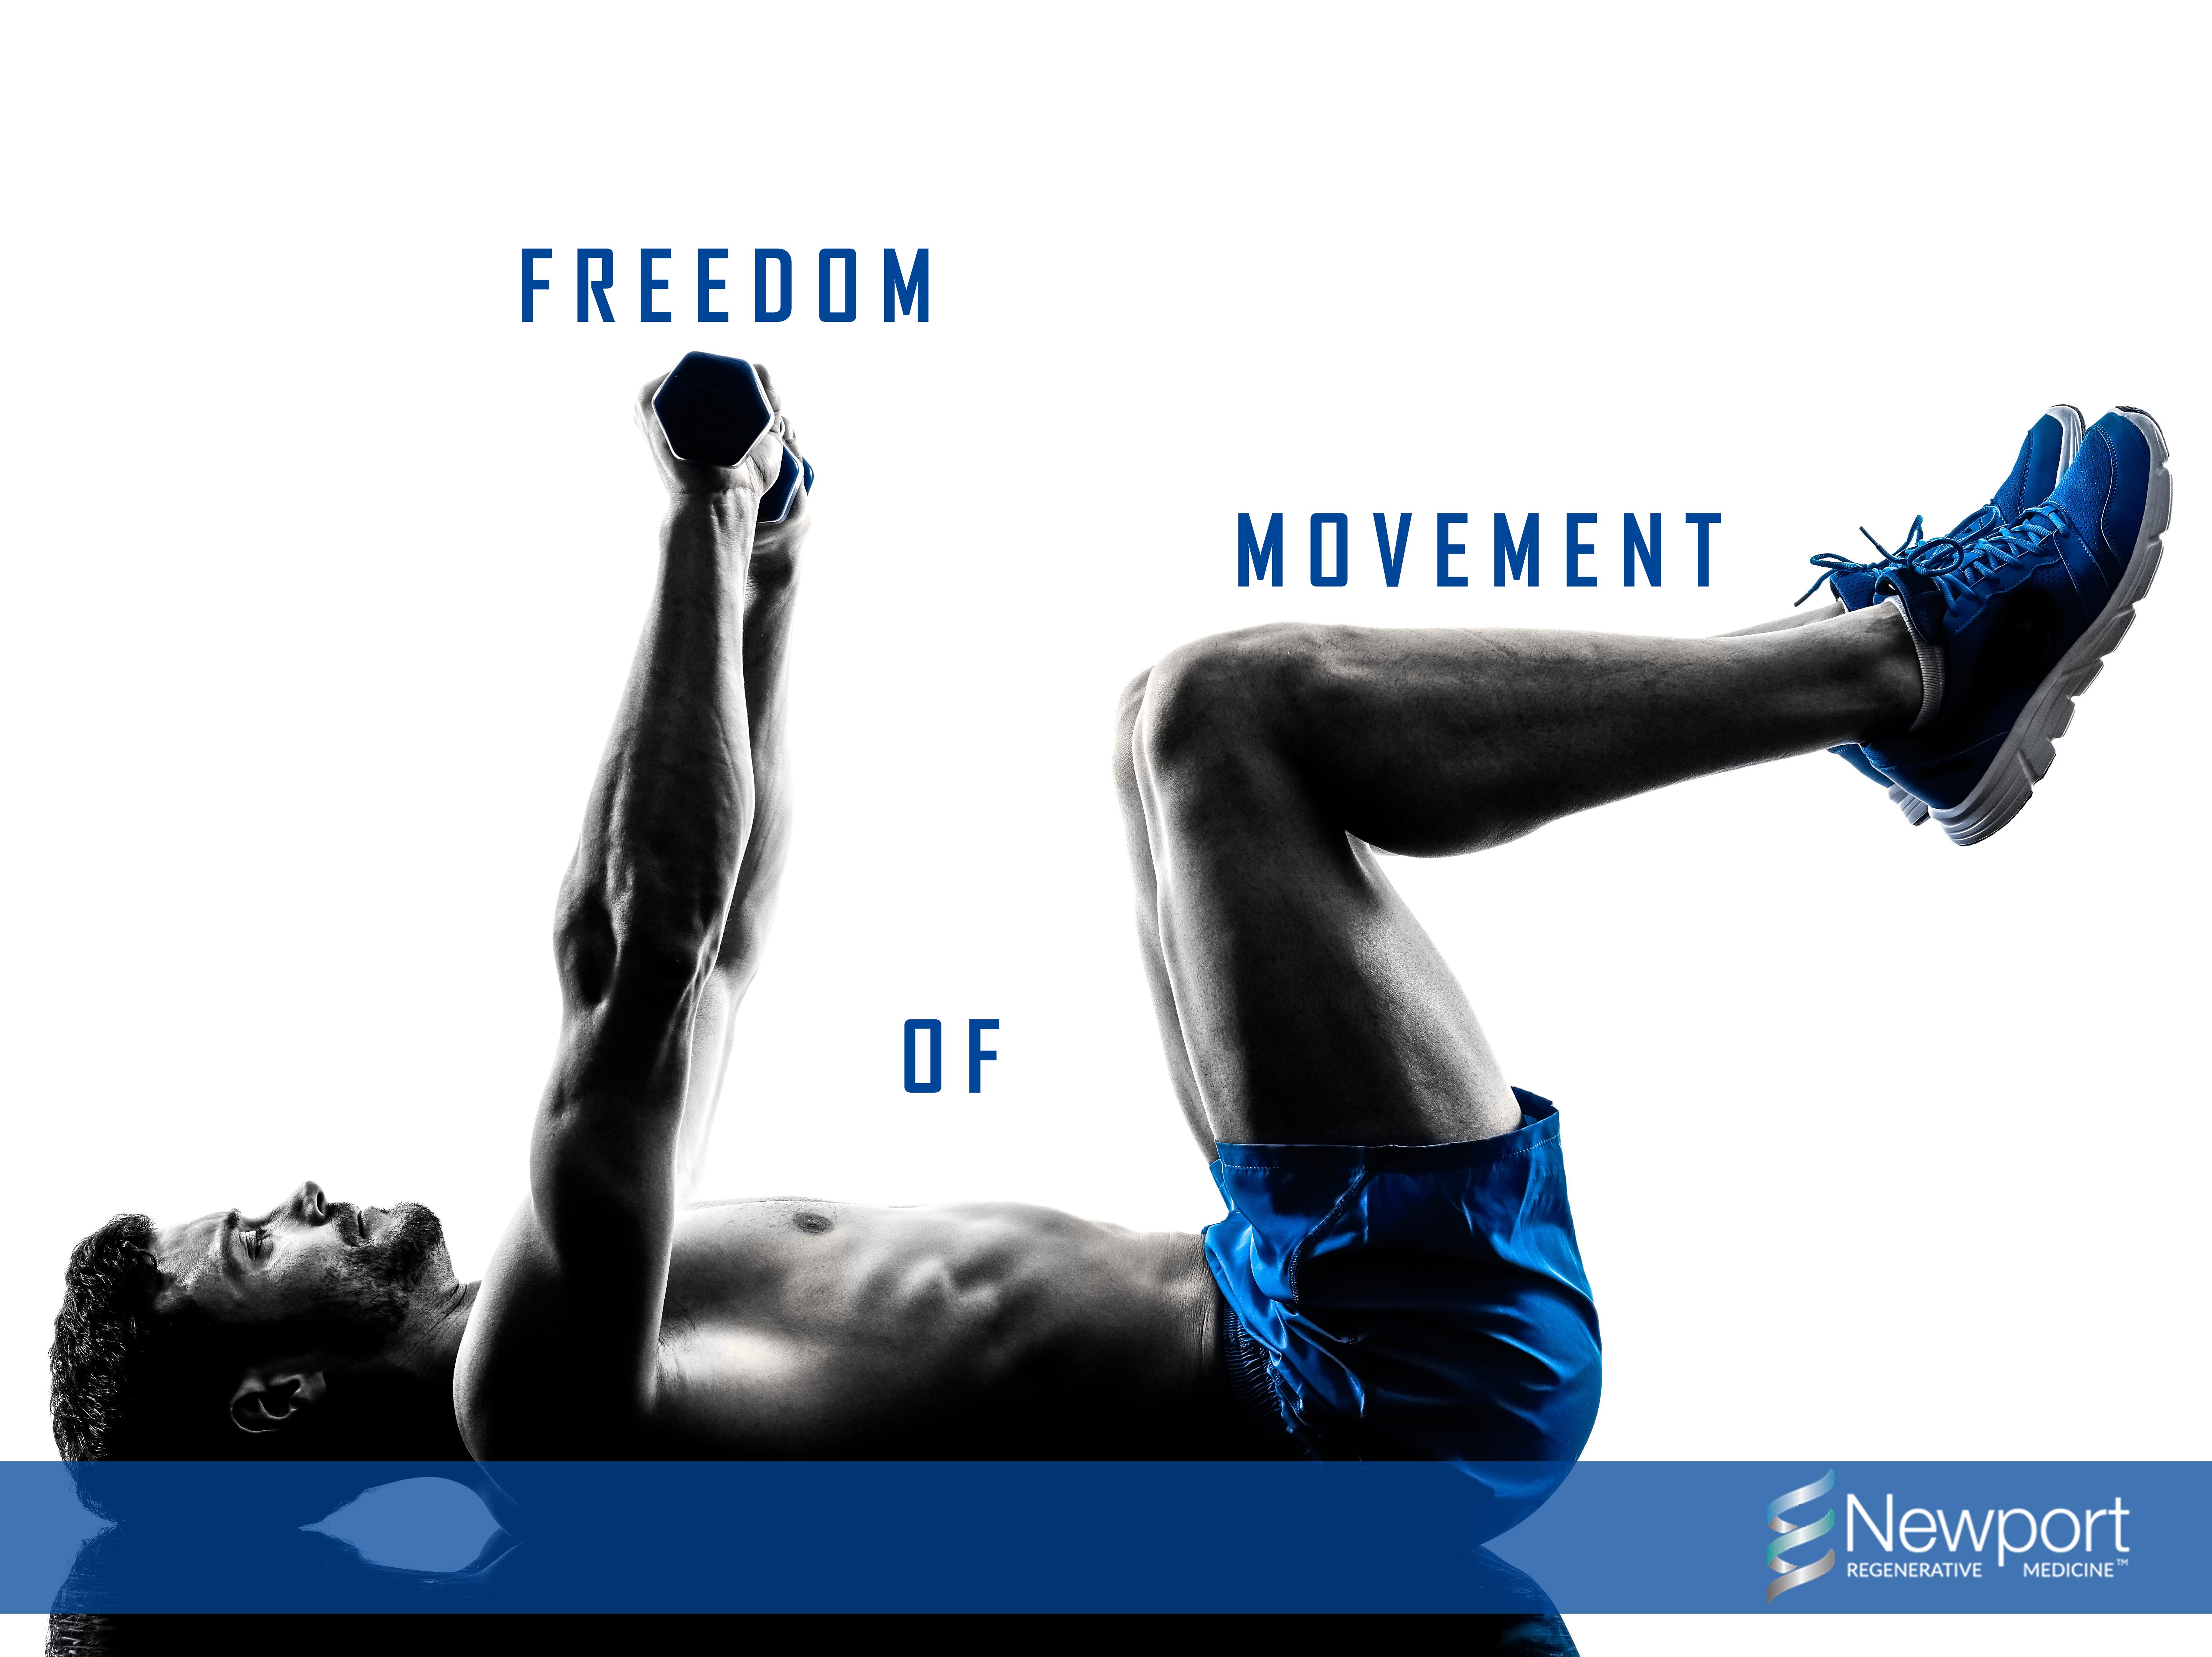 NR Freedom6